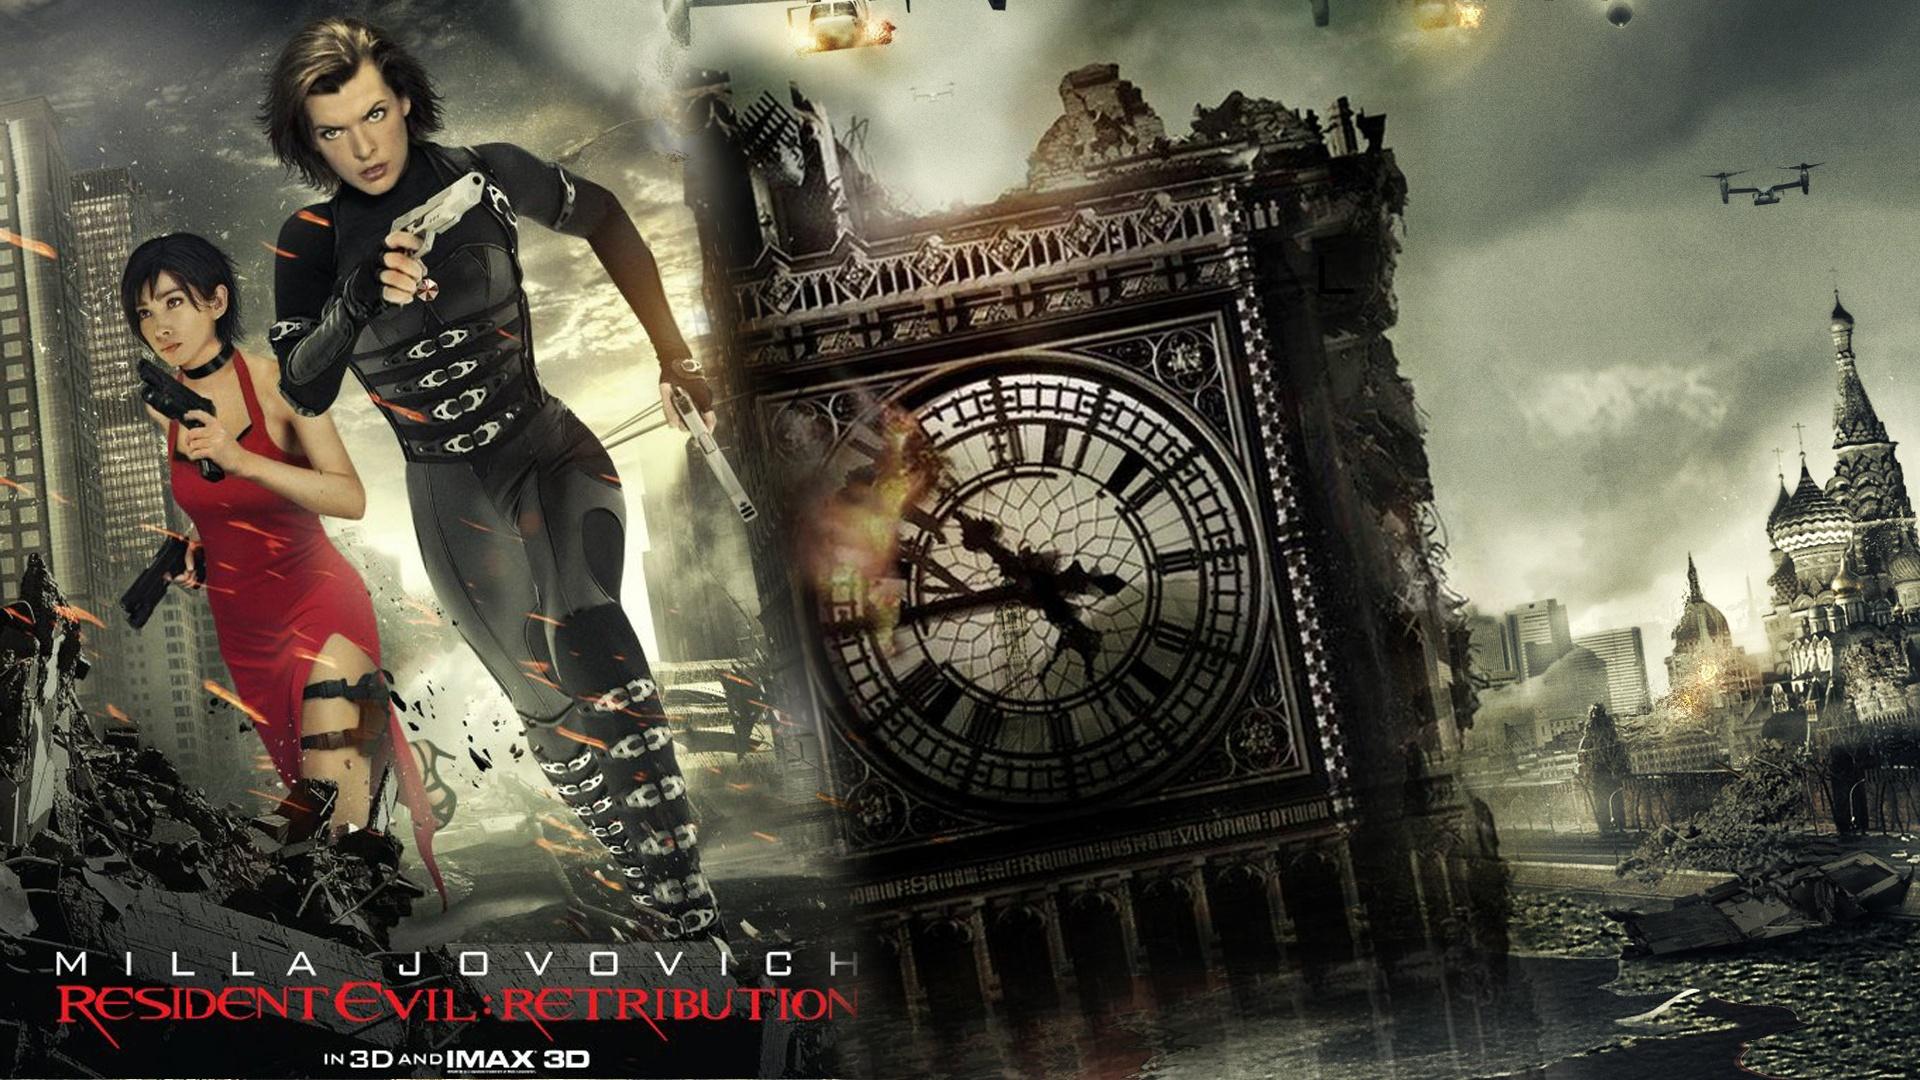 77 Resident Evil Movie Wallpaper On Wallpapersafari